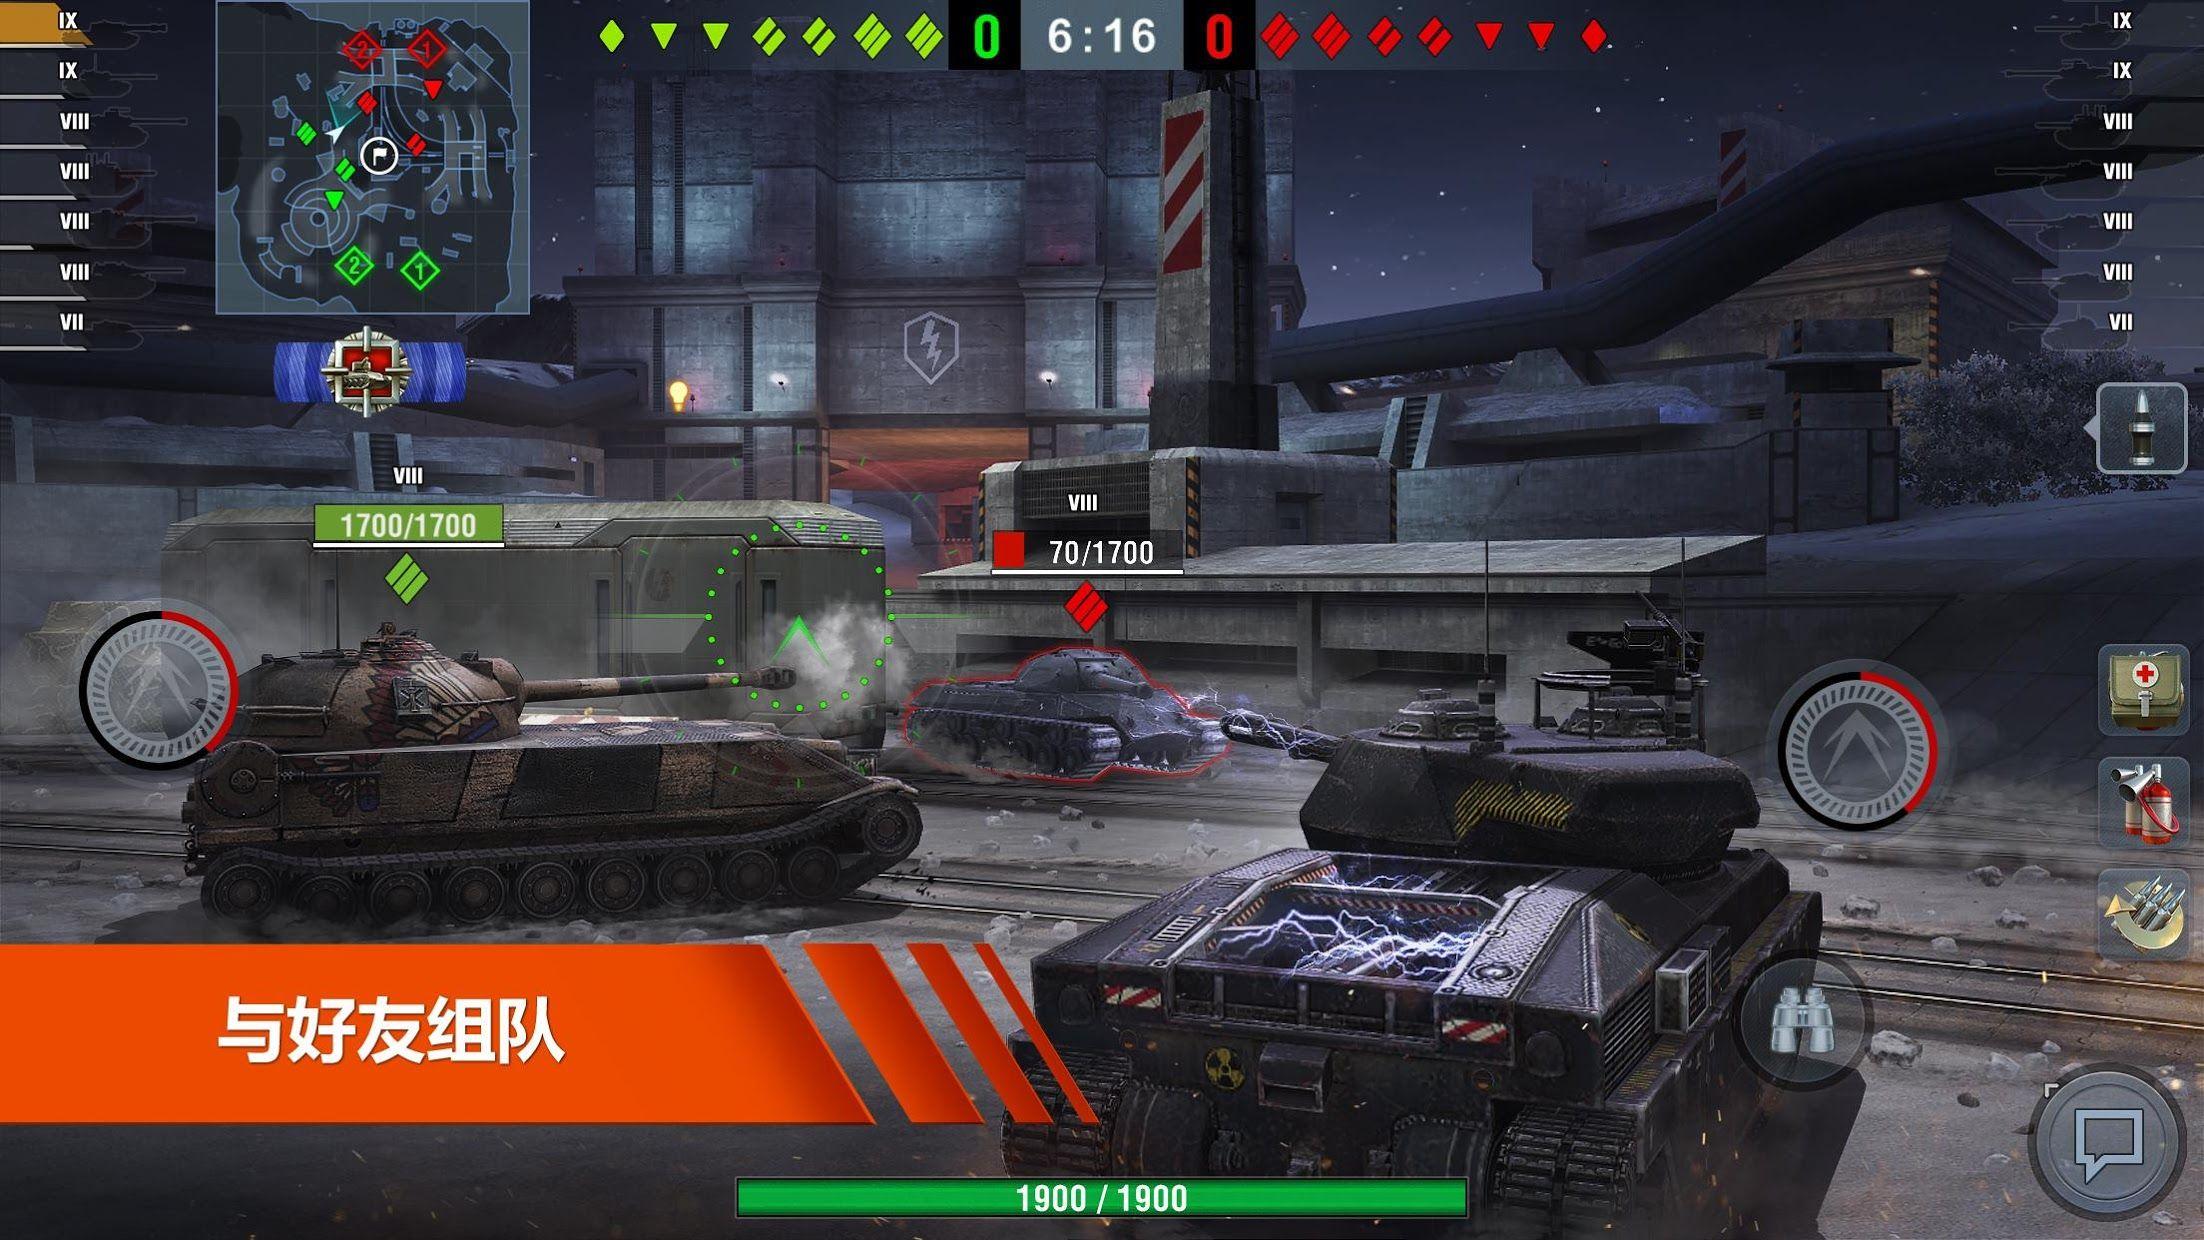 坦克世界闪电战 游戏截图3